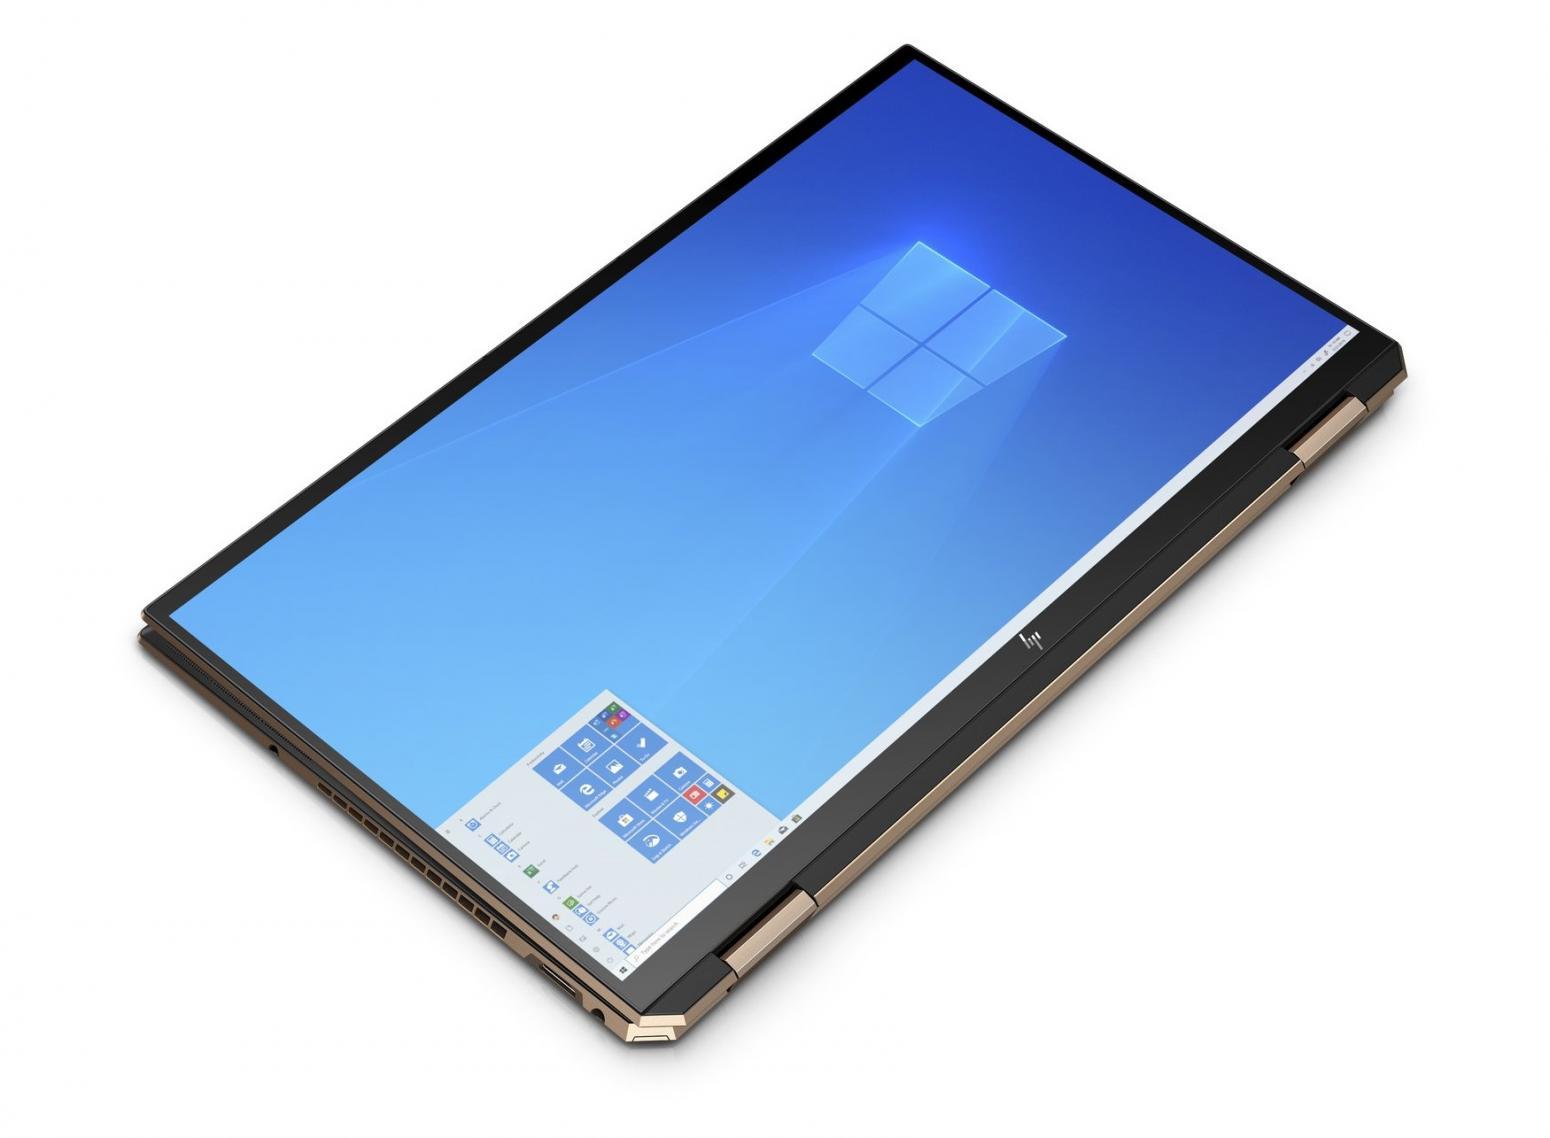 Ordinateur portable HP Spectre x360 15-eb1000nf Noir - 4K Tactile - photo 3